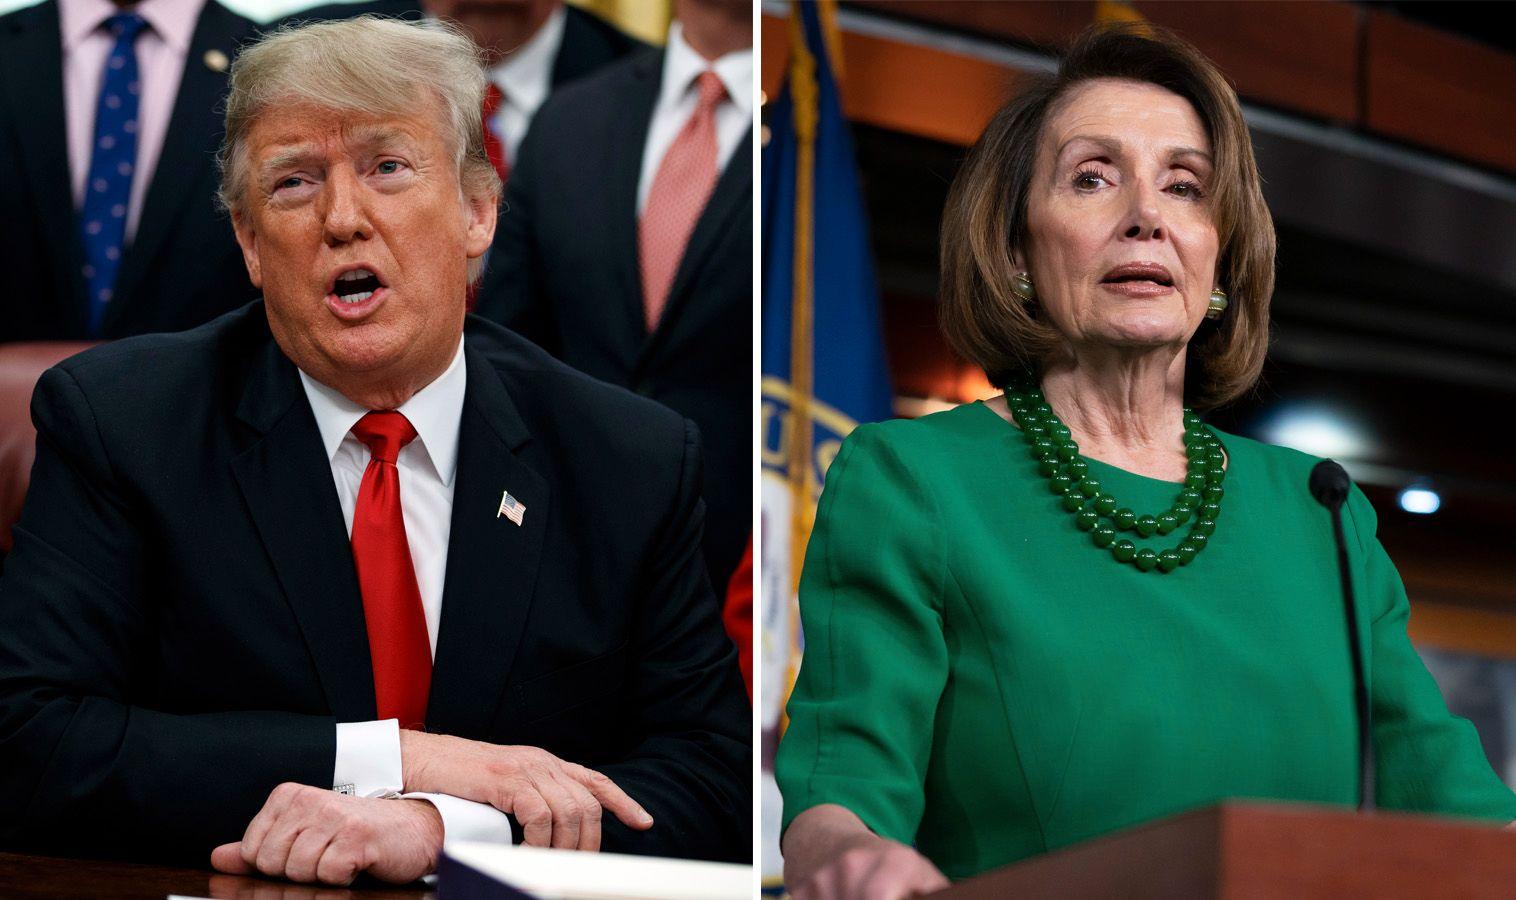 KRANGLER: Donald Trump og Demokratene klarer ikke å bli enige om budsjettet på grunn av Trumps Mexico-mur. Lederen for Representantenes hus, Nancy Pelosi, omtalte møtet på torsdag mellom Republikanerne og Demokratene som «langvarig og til tider hissig».